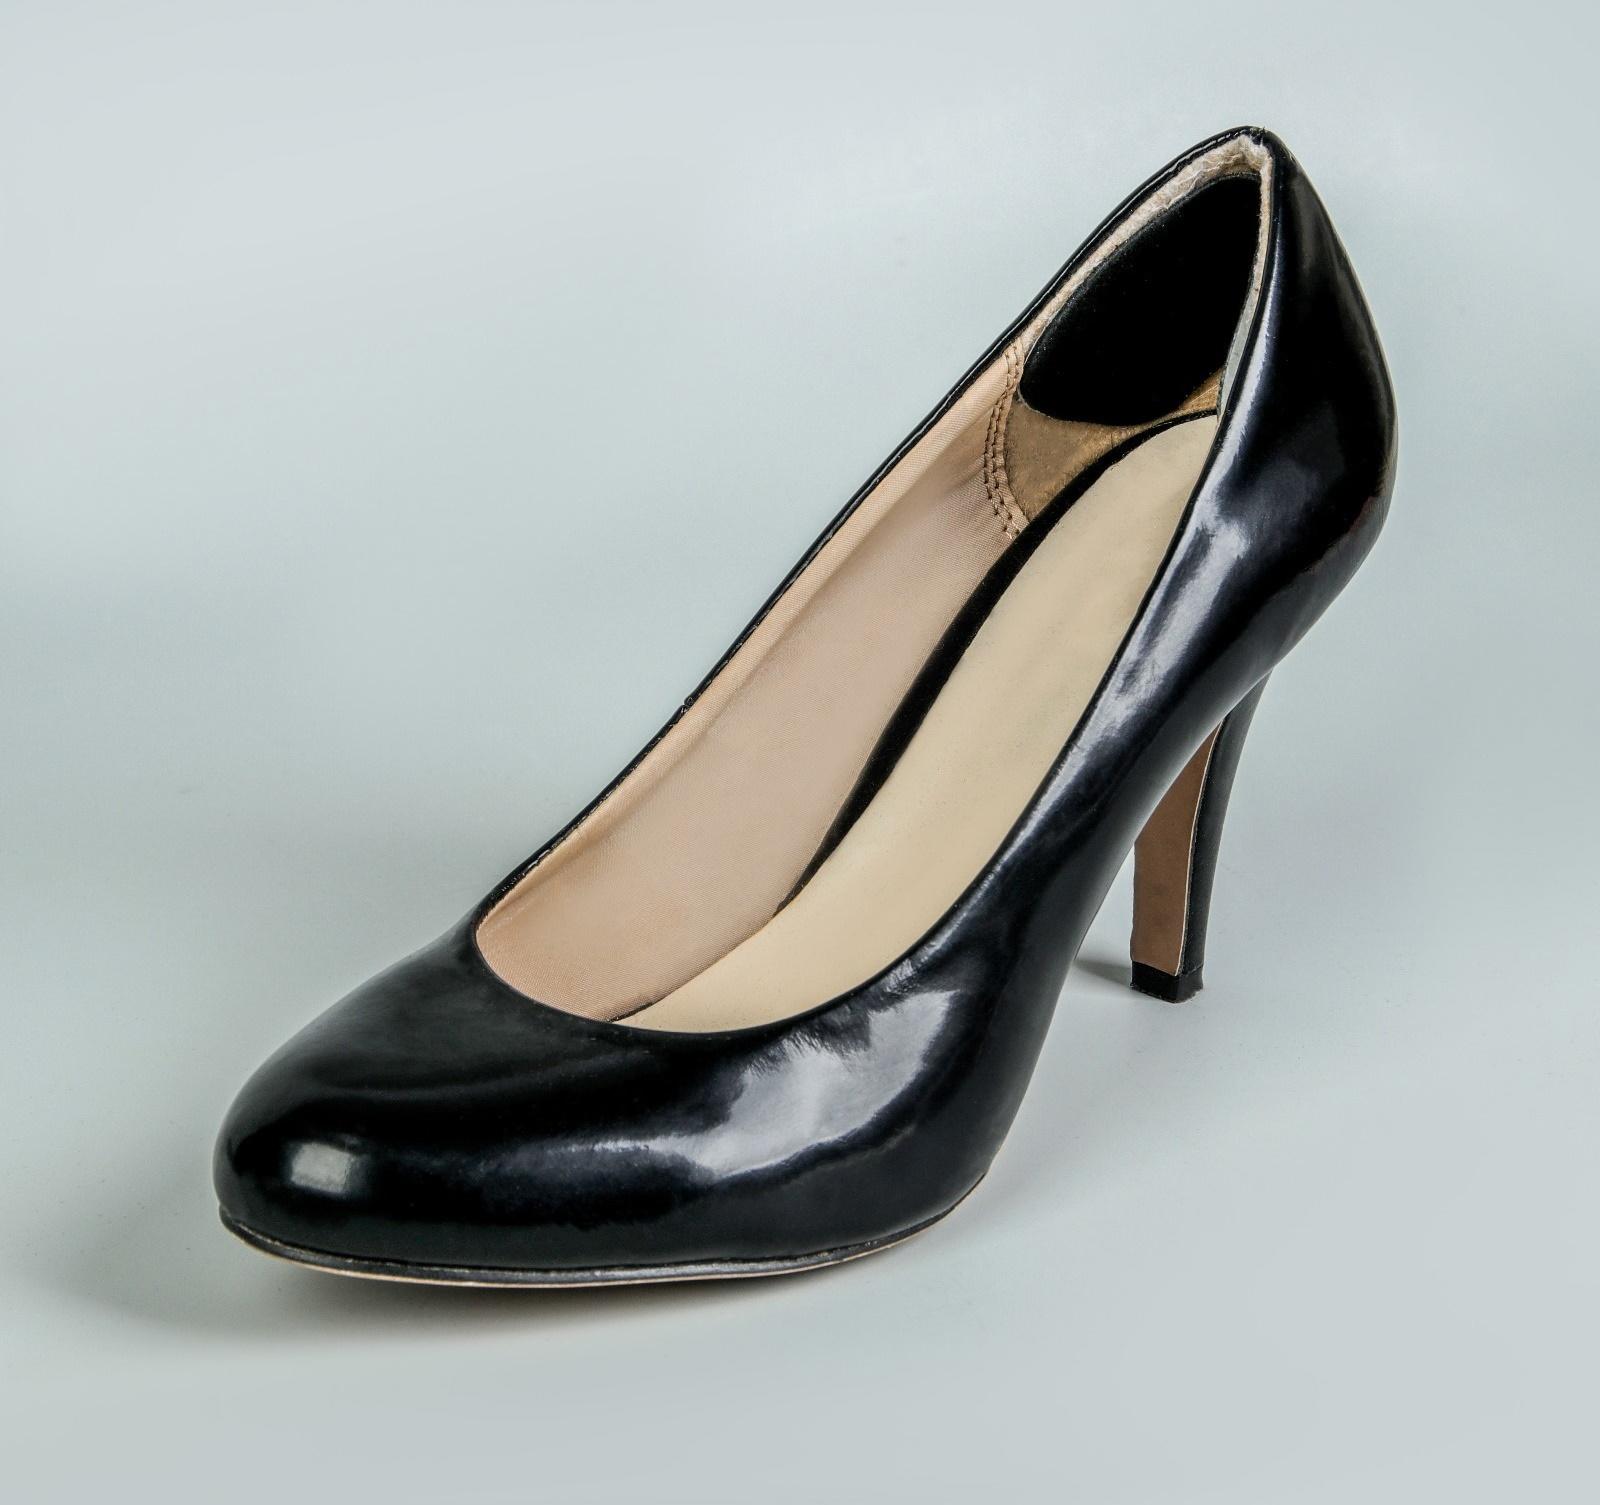 Пяткоудерживатели для обуви, кожаные, на клеевой основе, пара, цвет чёрный